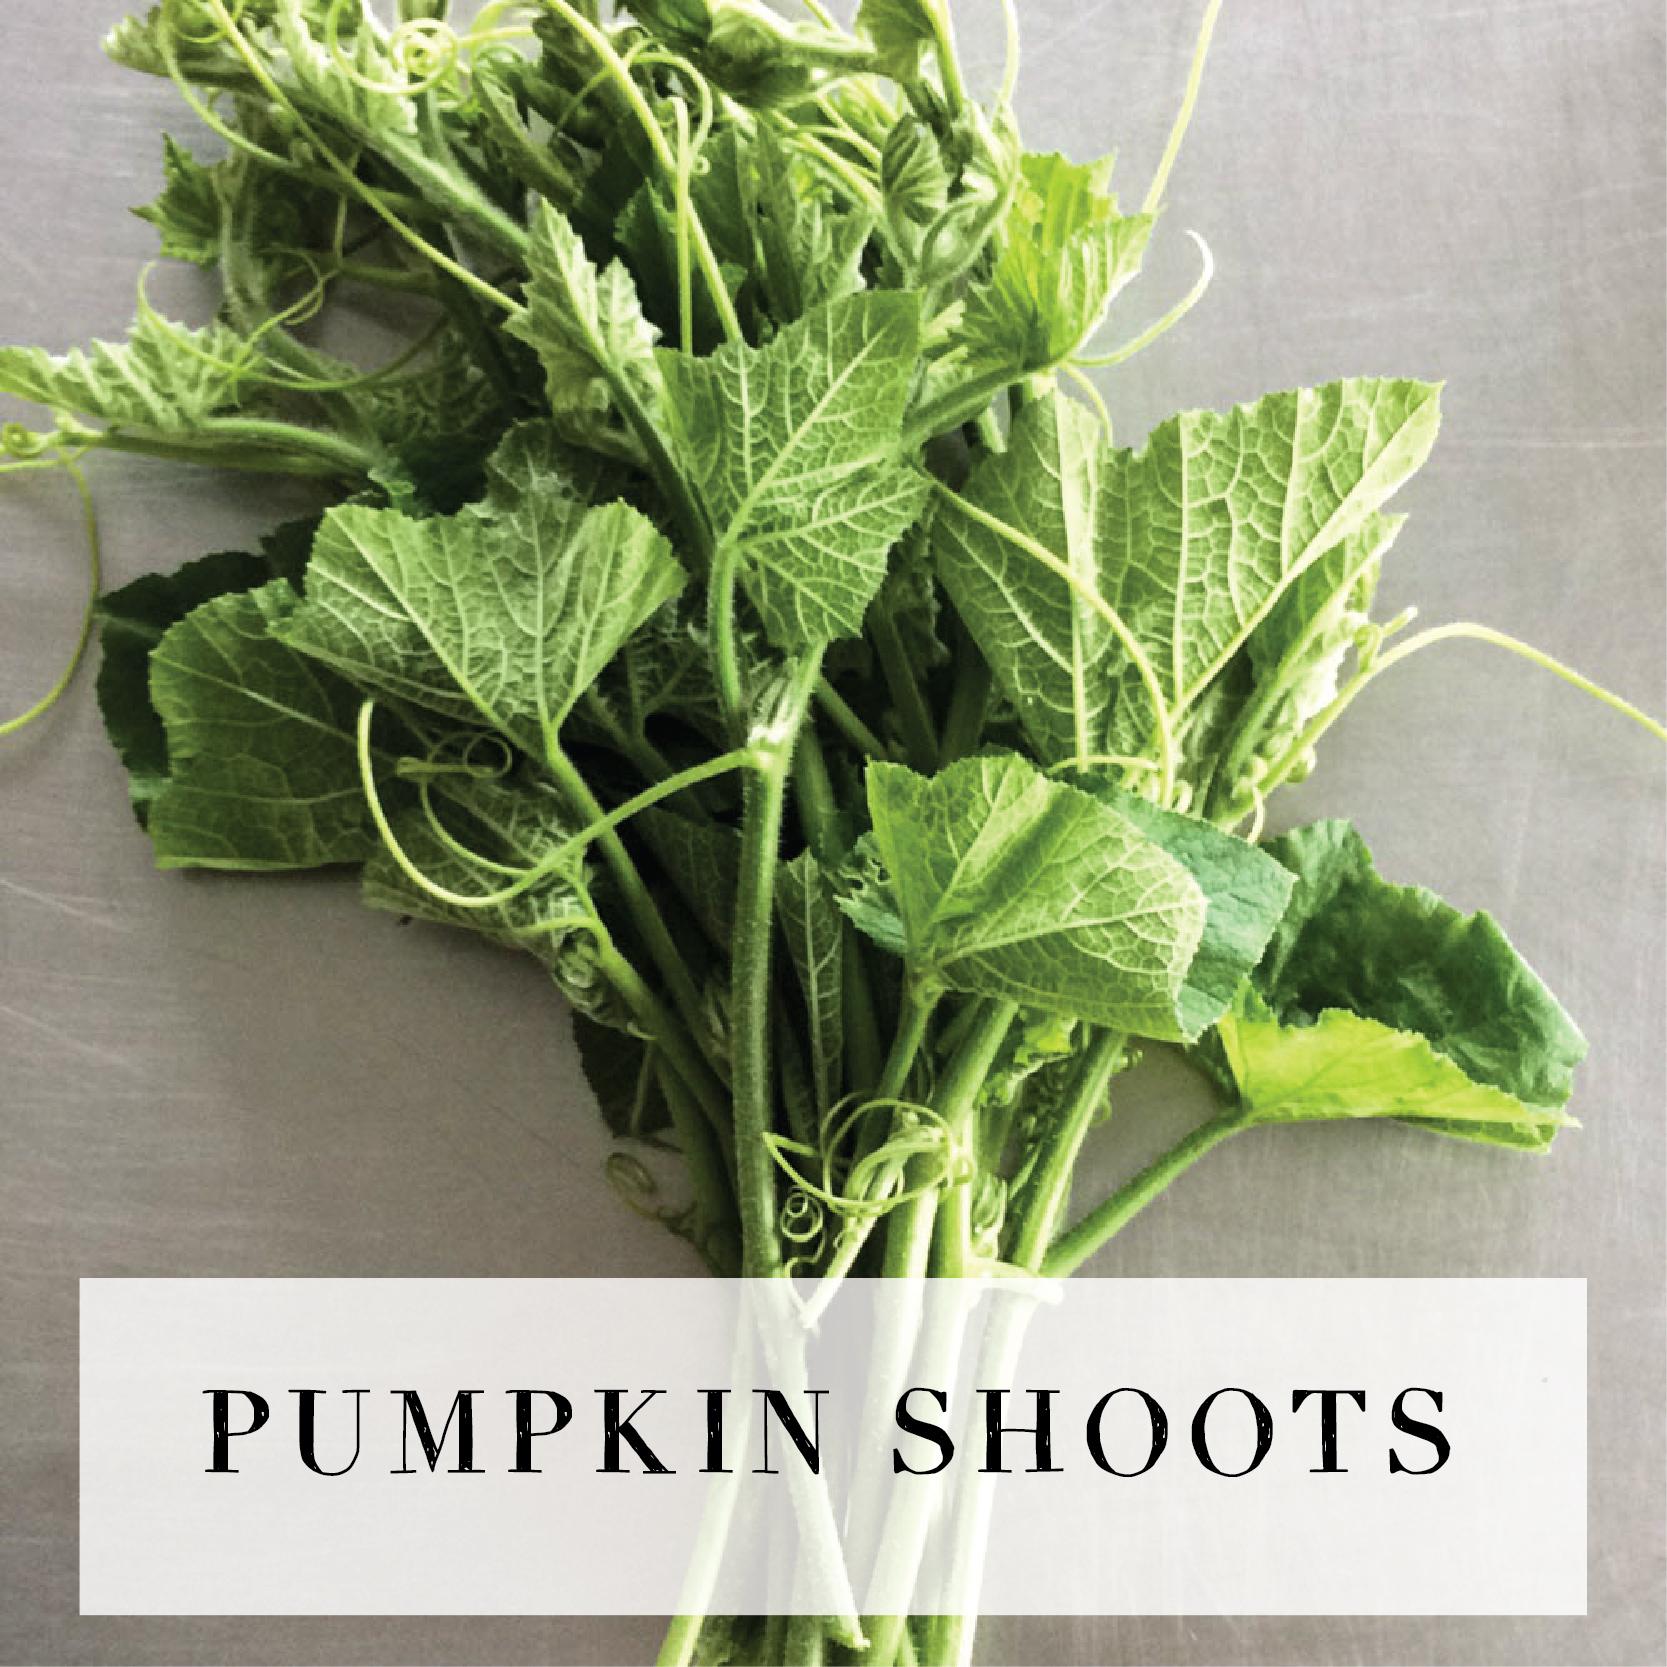 pumpkinshoots.jpg